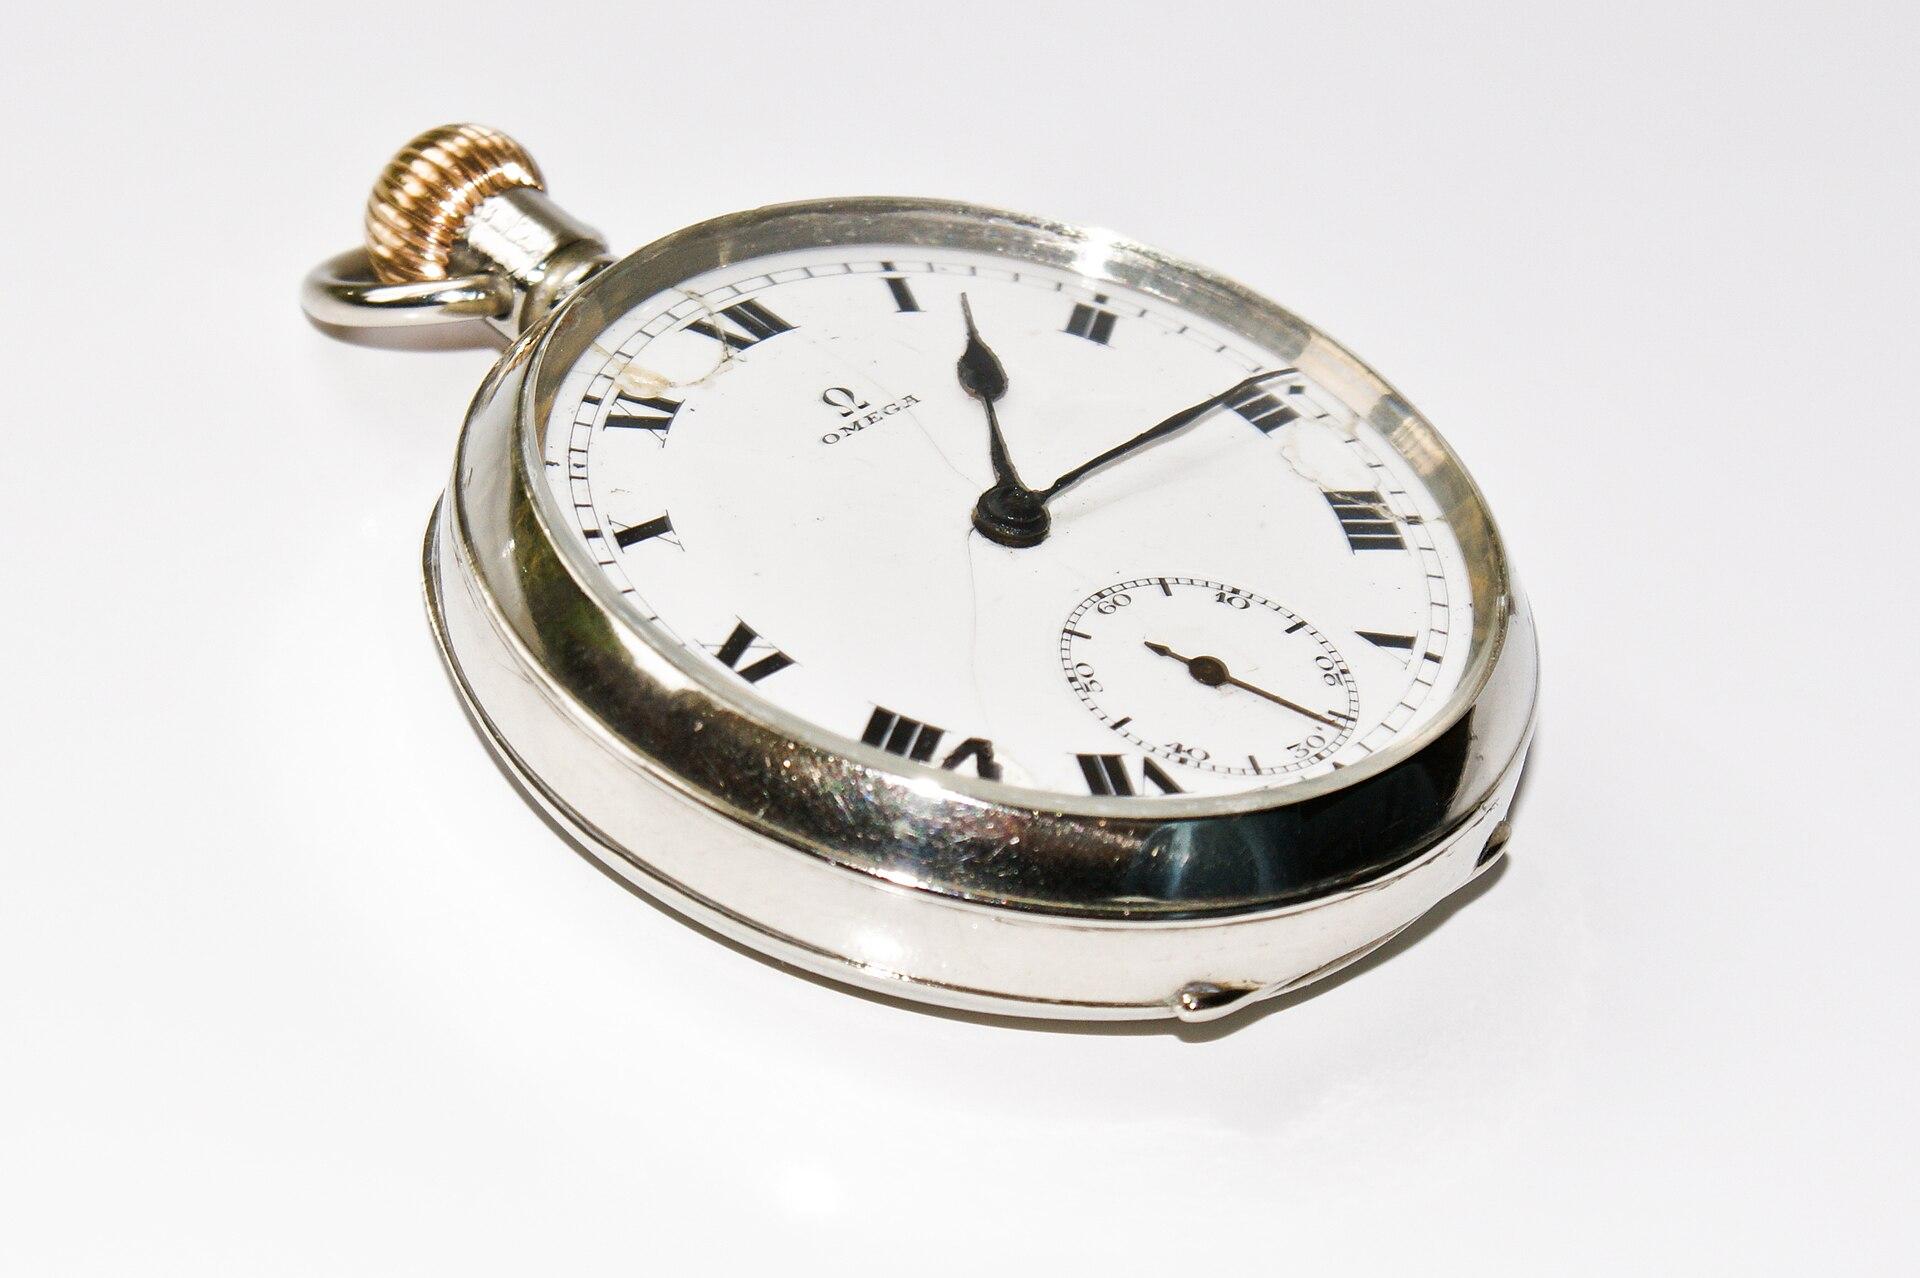 Stem winder wiktionary for Omega watch winder